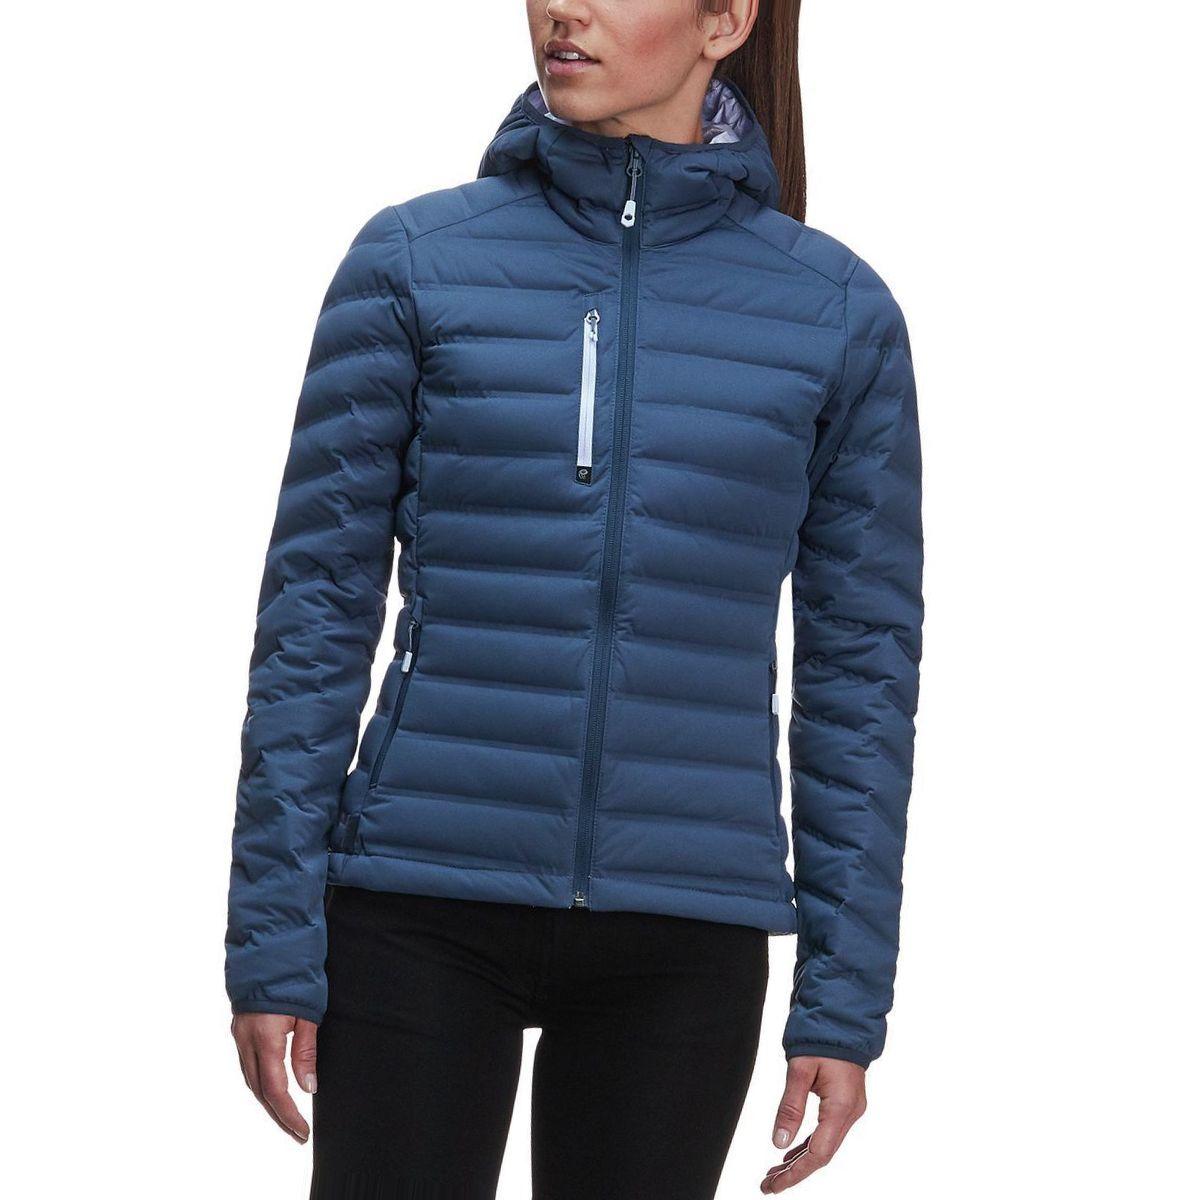 Mountain Hardwear Stretchdown Hooded Down Jacket - Women's